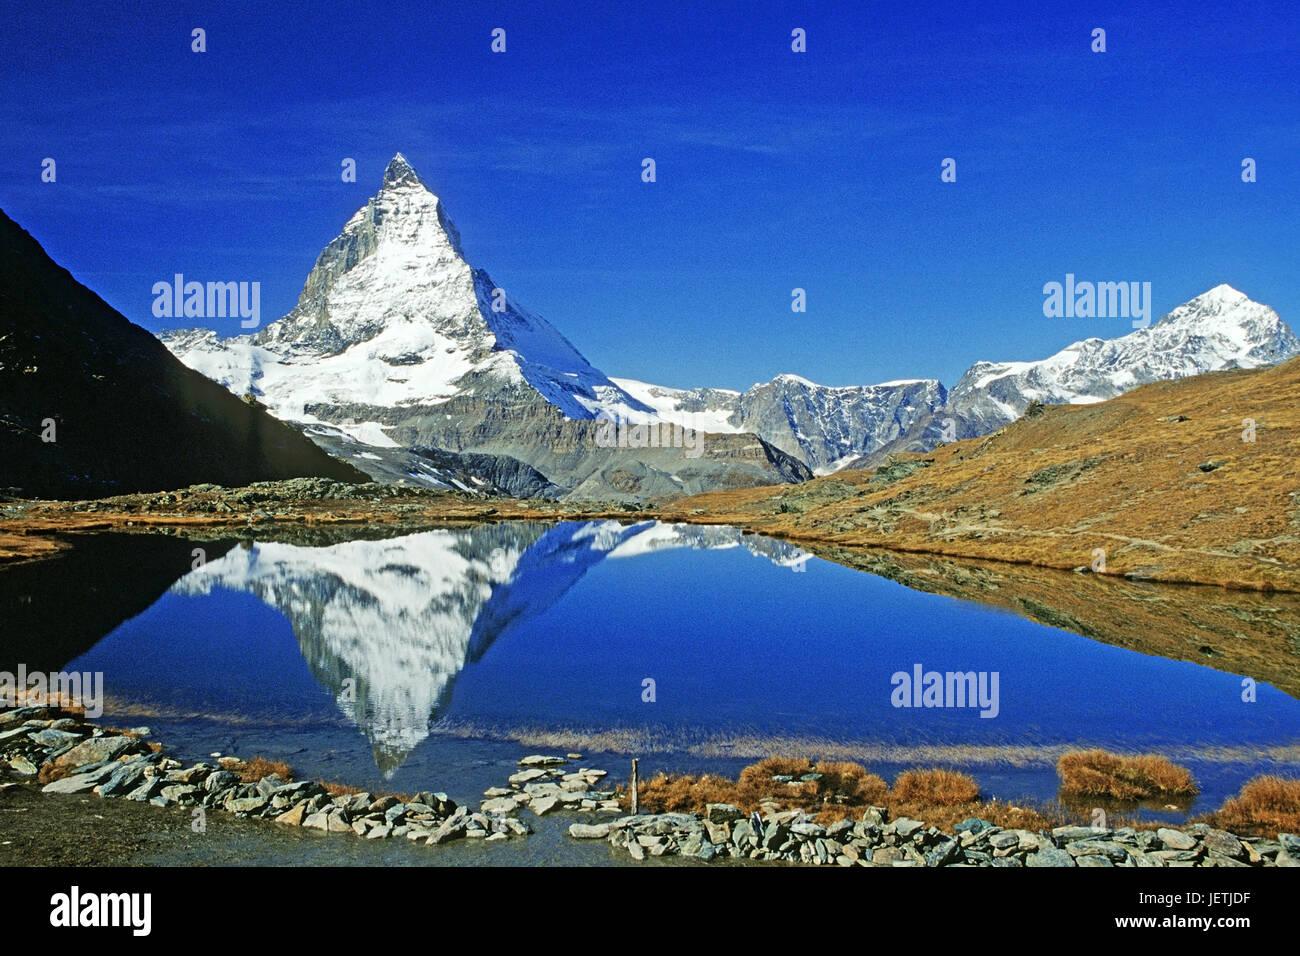 Matterhorn spiegelt sich in einem Bergsee, Matterhorn Spiegelt Sich in Einem Bergsee Stockbild